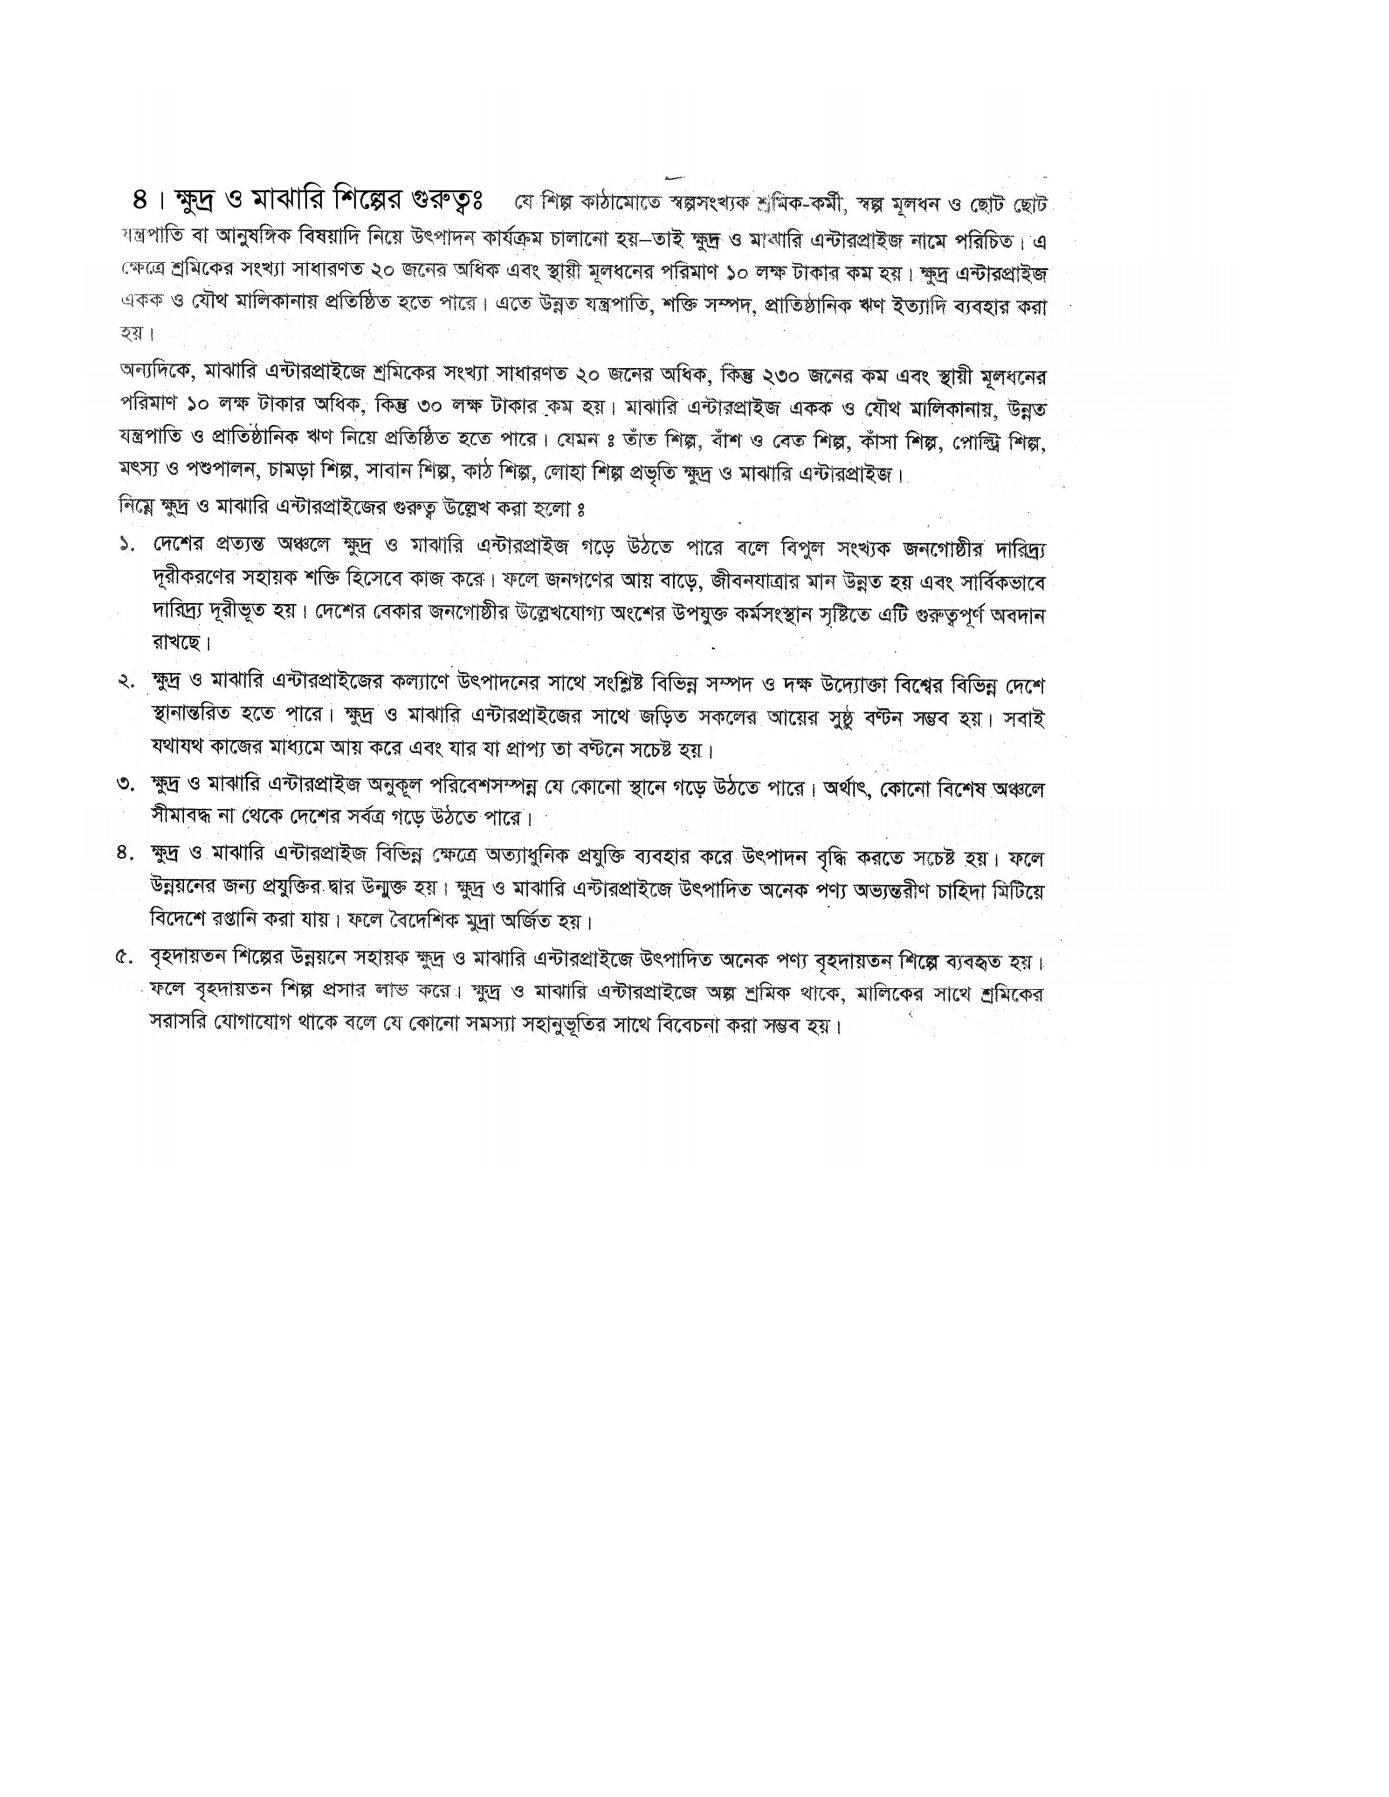 এইচএসসি বিএম এসাইনমেন্ট সমাধান/উত্তর ২০২১ মার্কেটিং নীতি ও প্রয়োগ-২ (এসাইনমেন্ট ২) ৩য় সপ্তাহ  এইচএসসি বিএম ৩য় সপ্তাহের মার্কেটিং নীতি ও প্রয়োগ-২ (এসাইনমেন্ট ২) সমাধান/উত্তর ২০২১